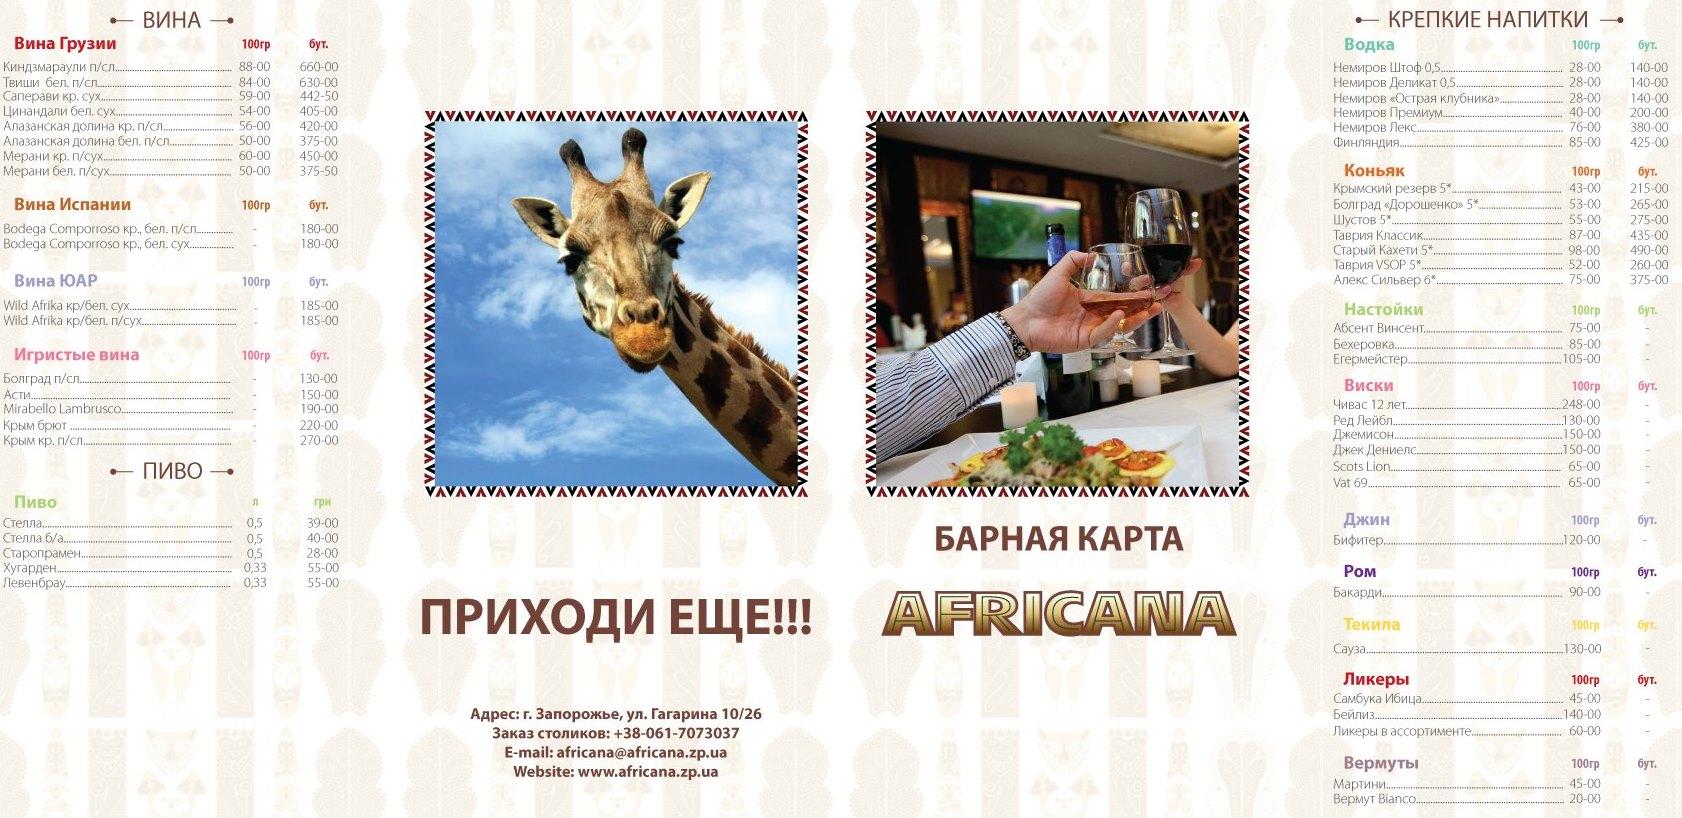 Африкана меню алкоголь